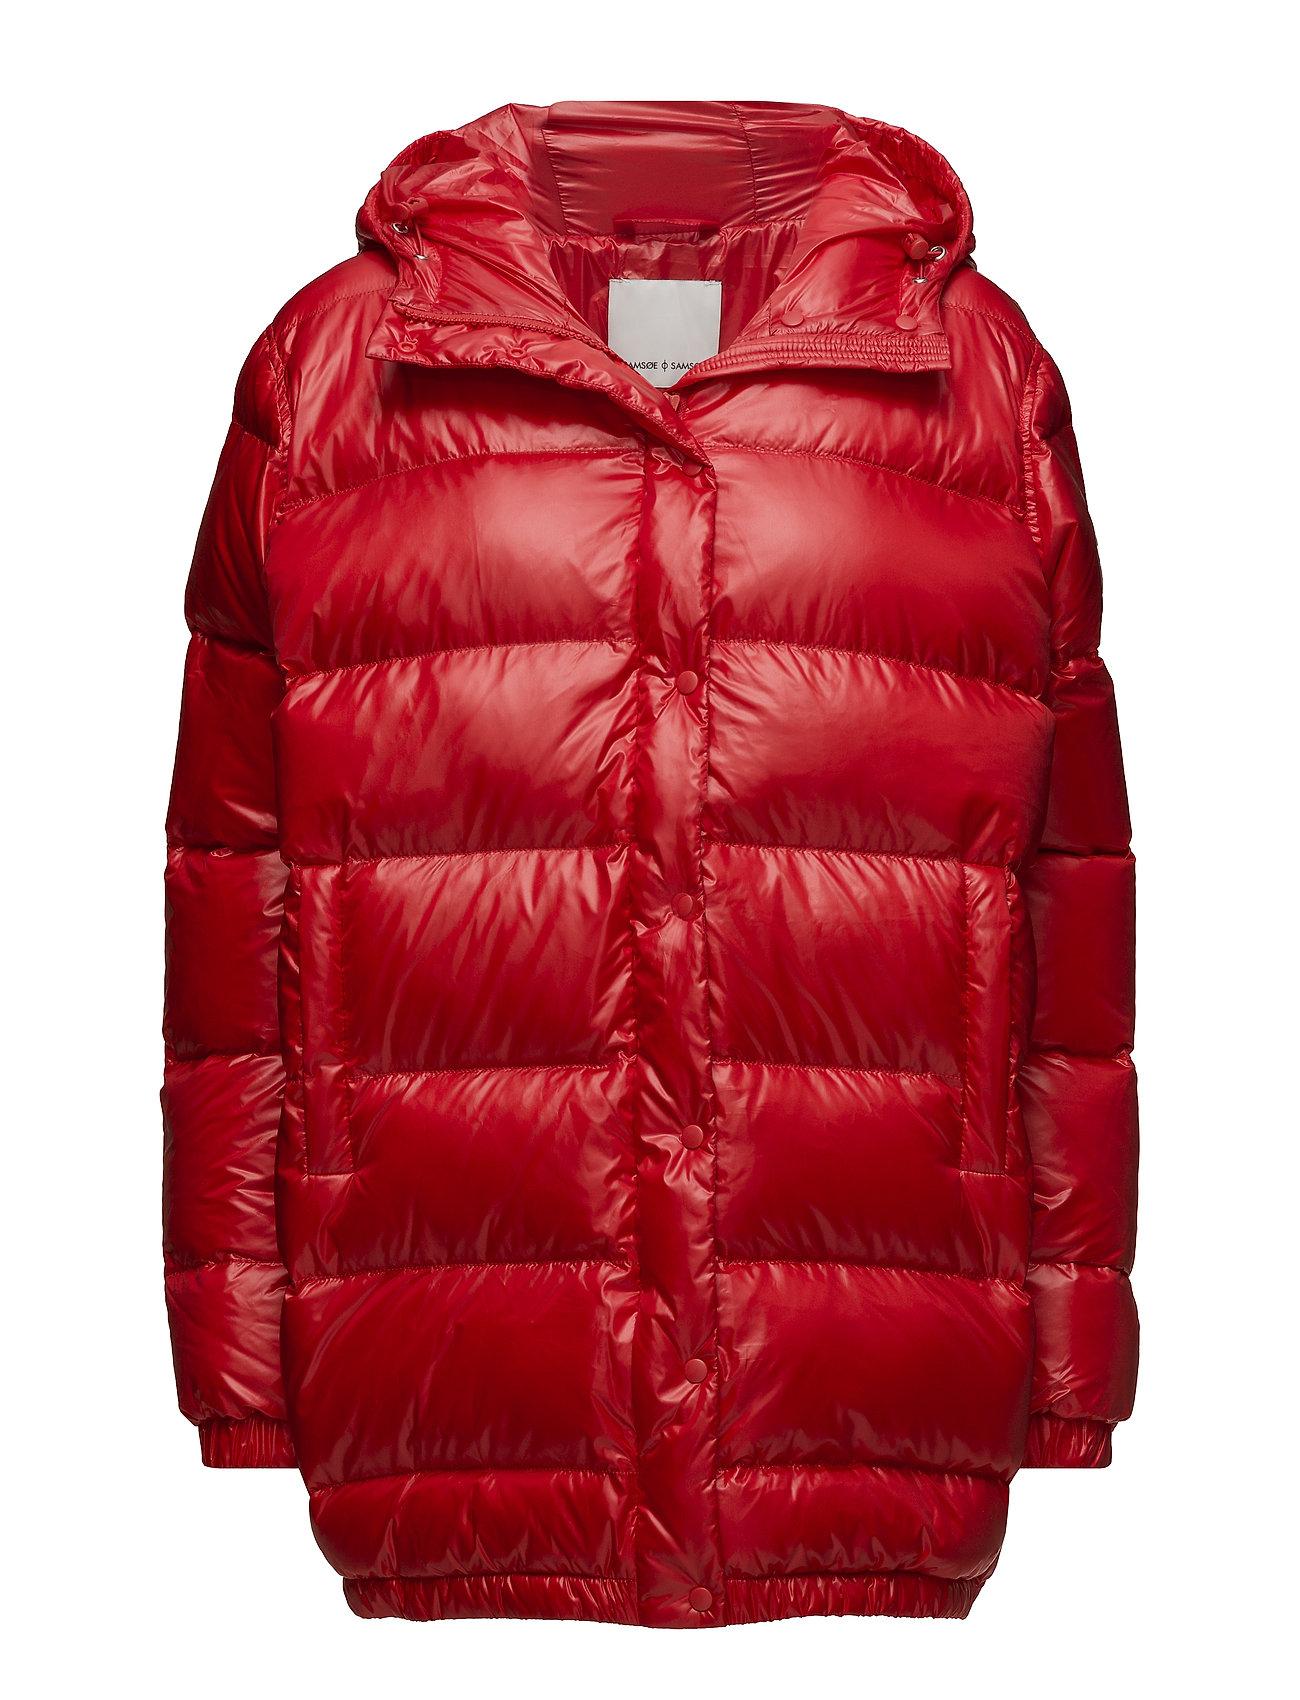 Samsøe & Samsøe Mirela jacket 10144 - FLAME SCARLET